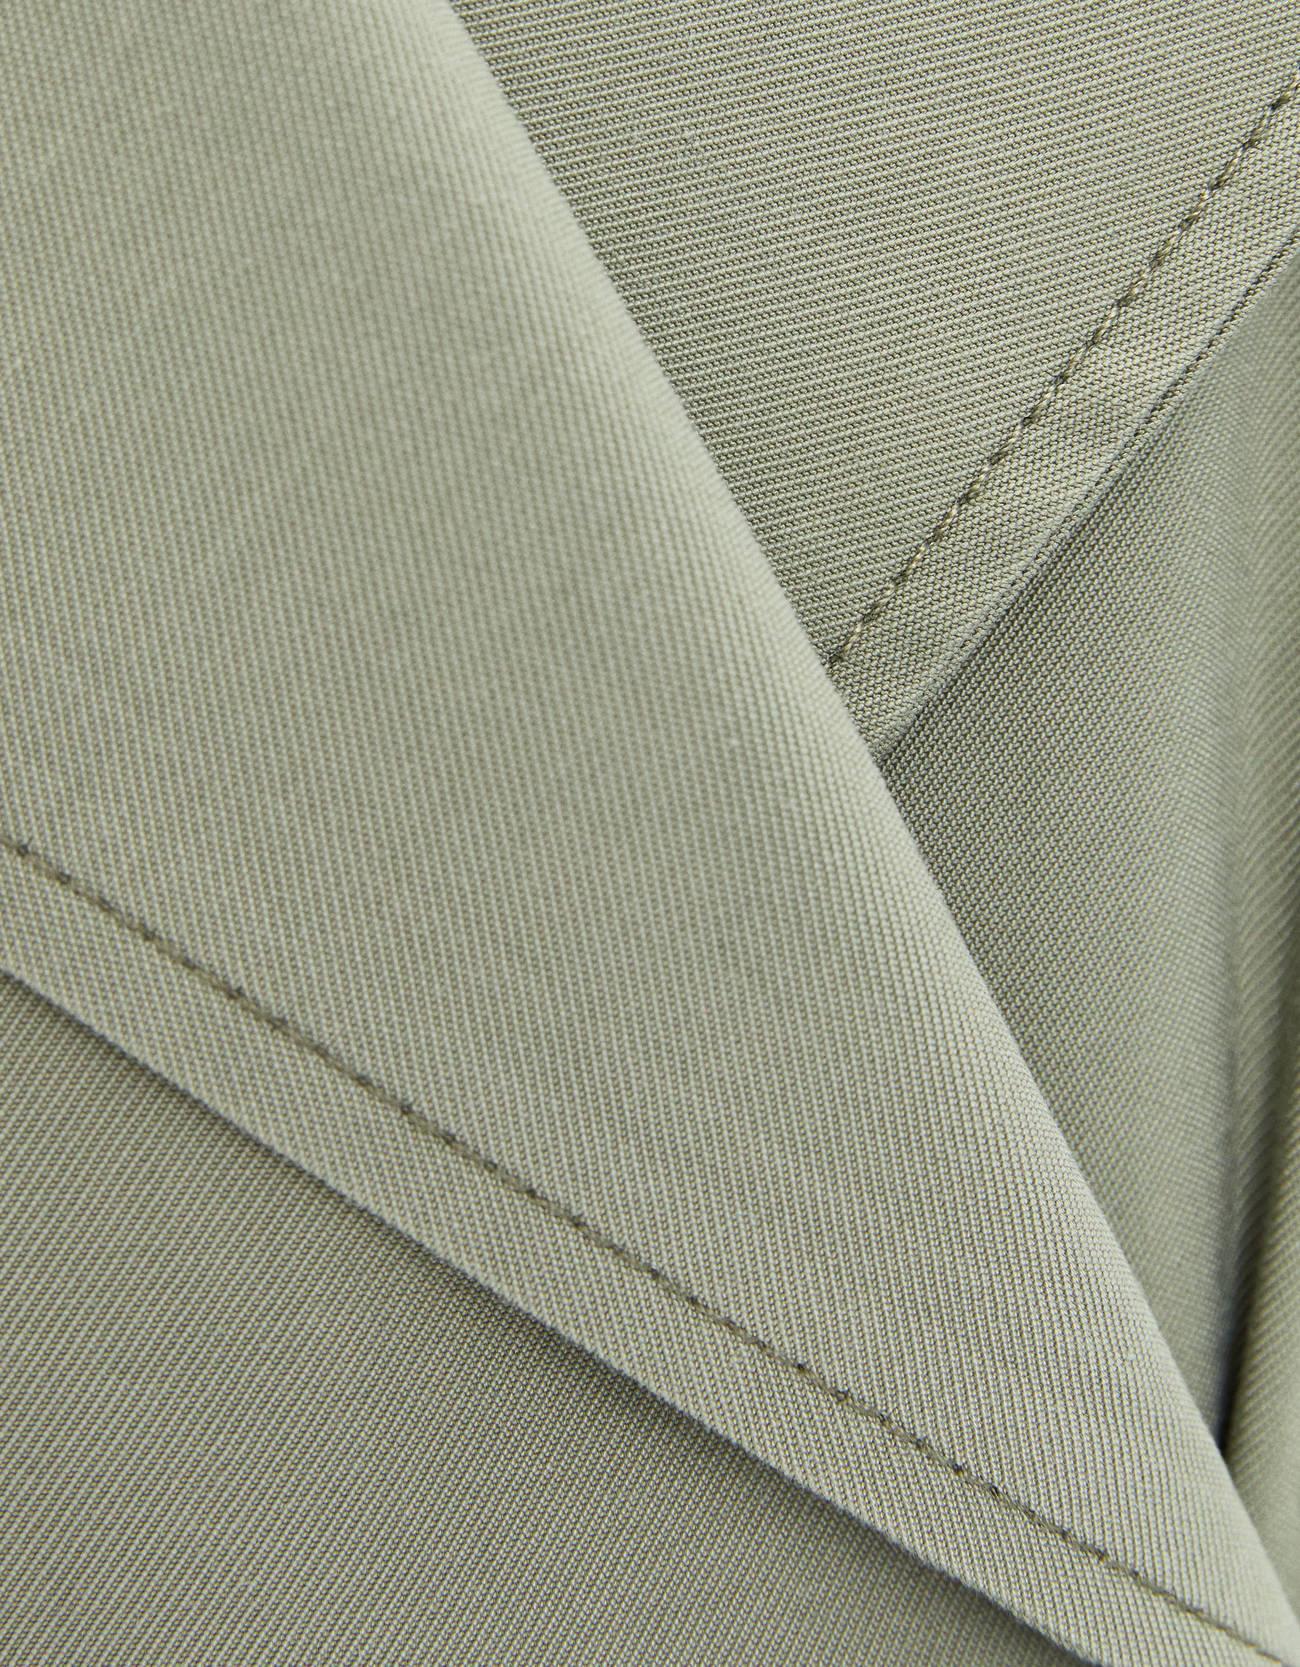 Тренч из струящейся ткани с поясом Хаки Bershka